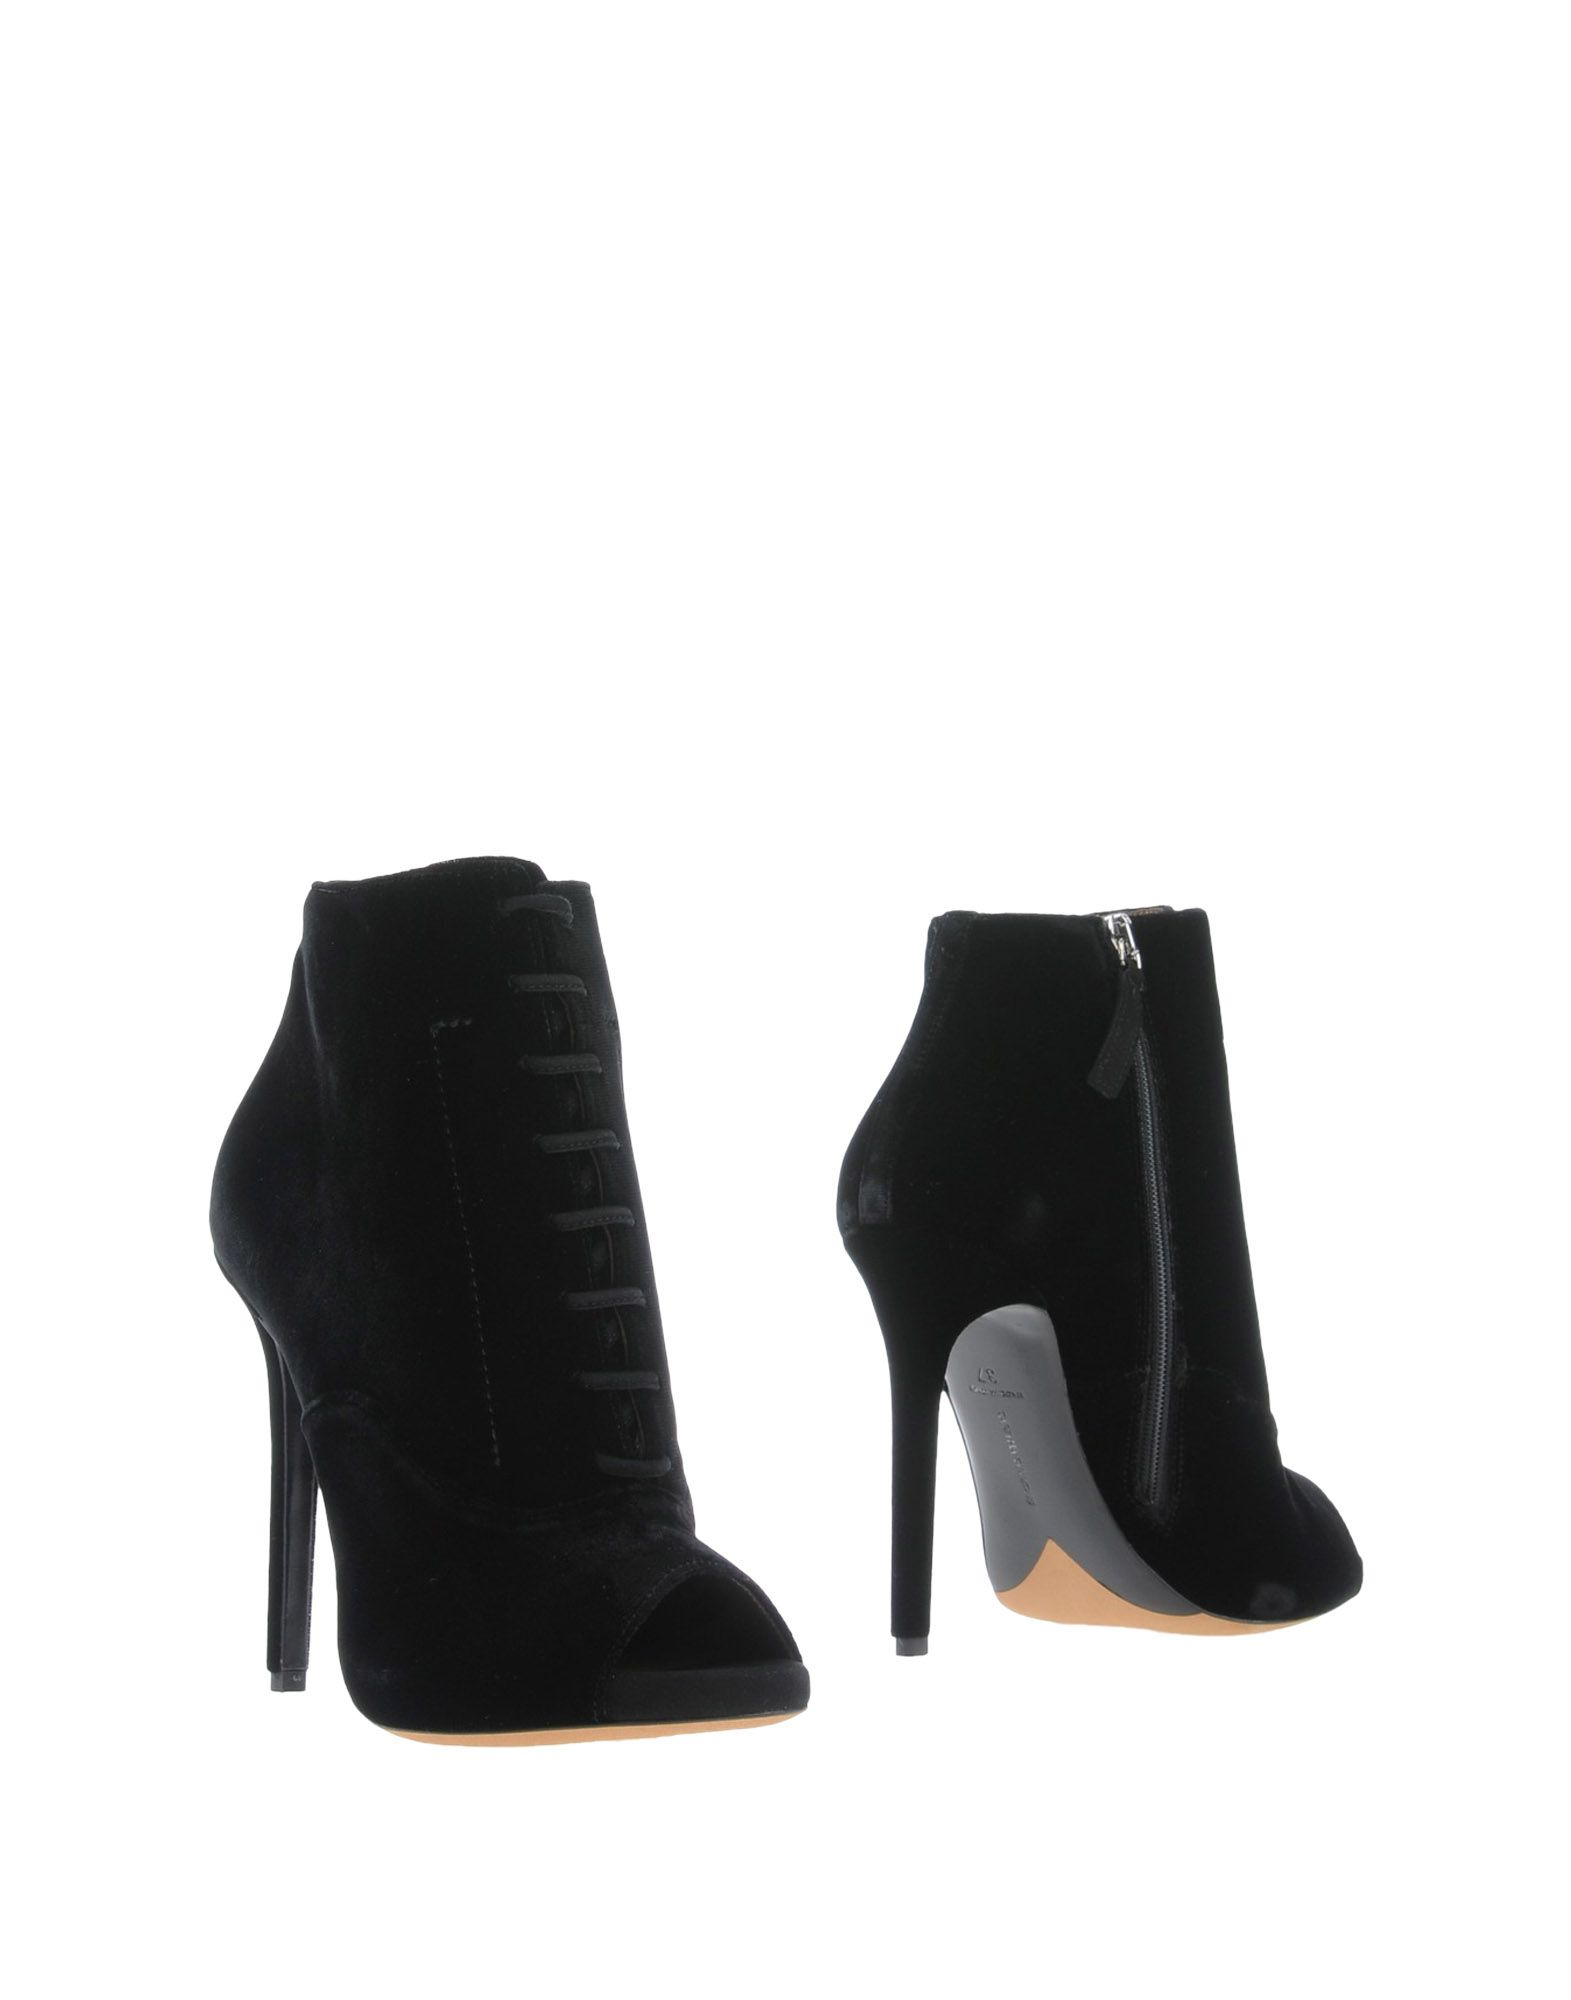 TABITHA SIMMONS Полусапоги и высокие ботинки плейбой бренд осенью открытый скалолазания и пешие прогулки досуга для дыхания и водонепроницаемым мужские ботинки